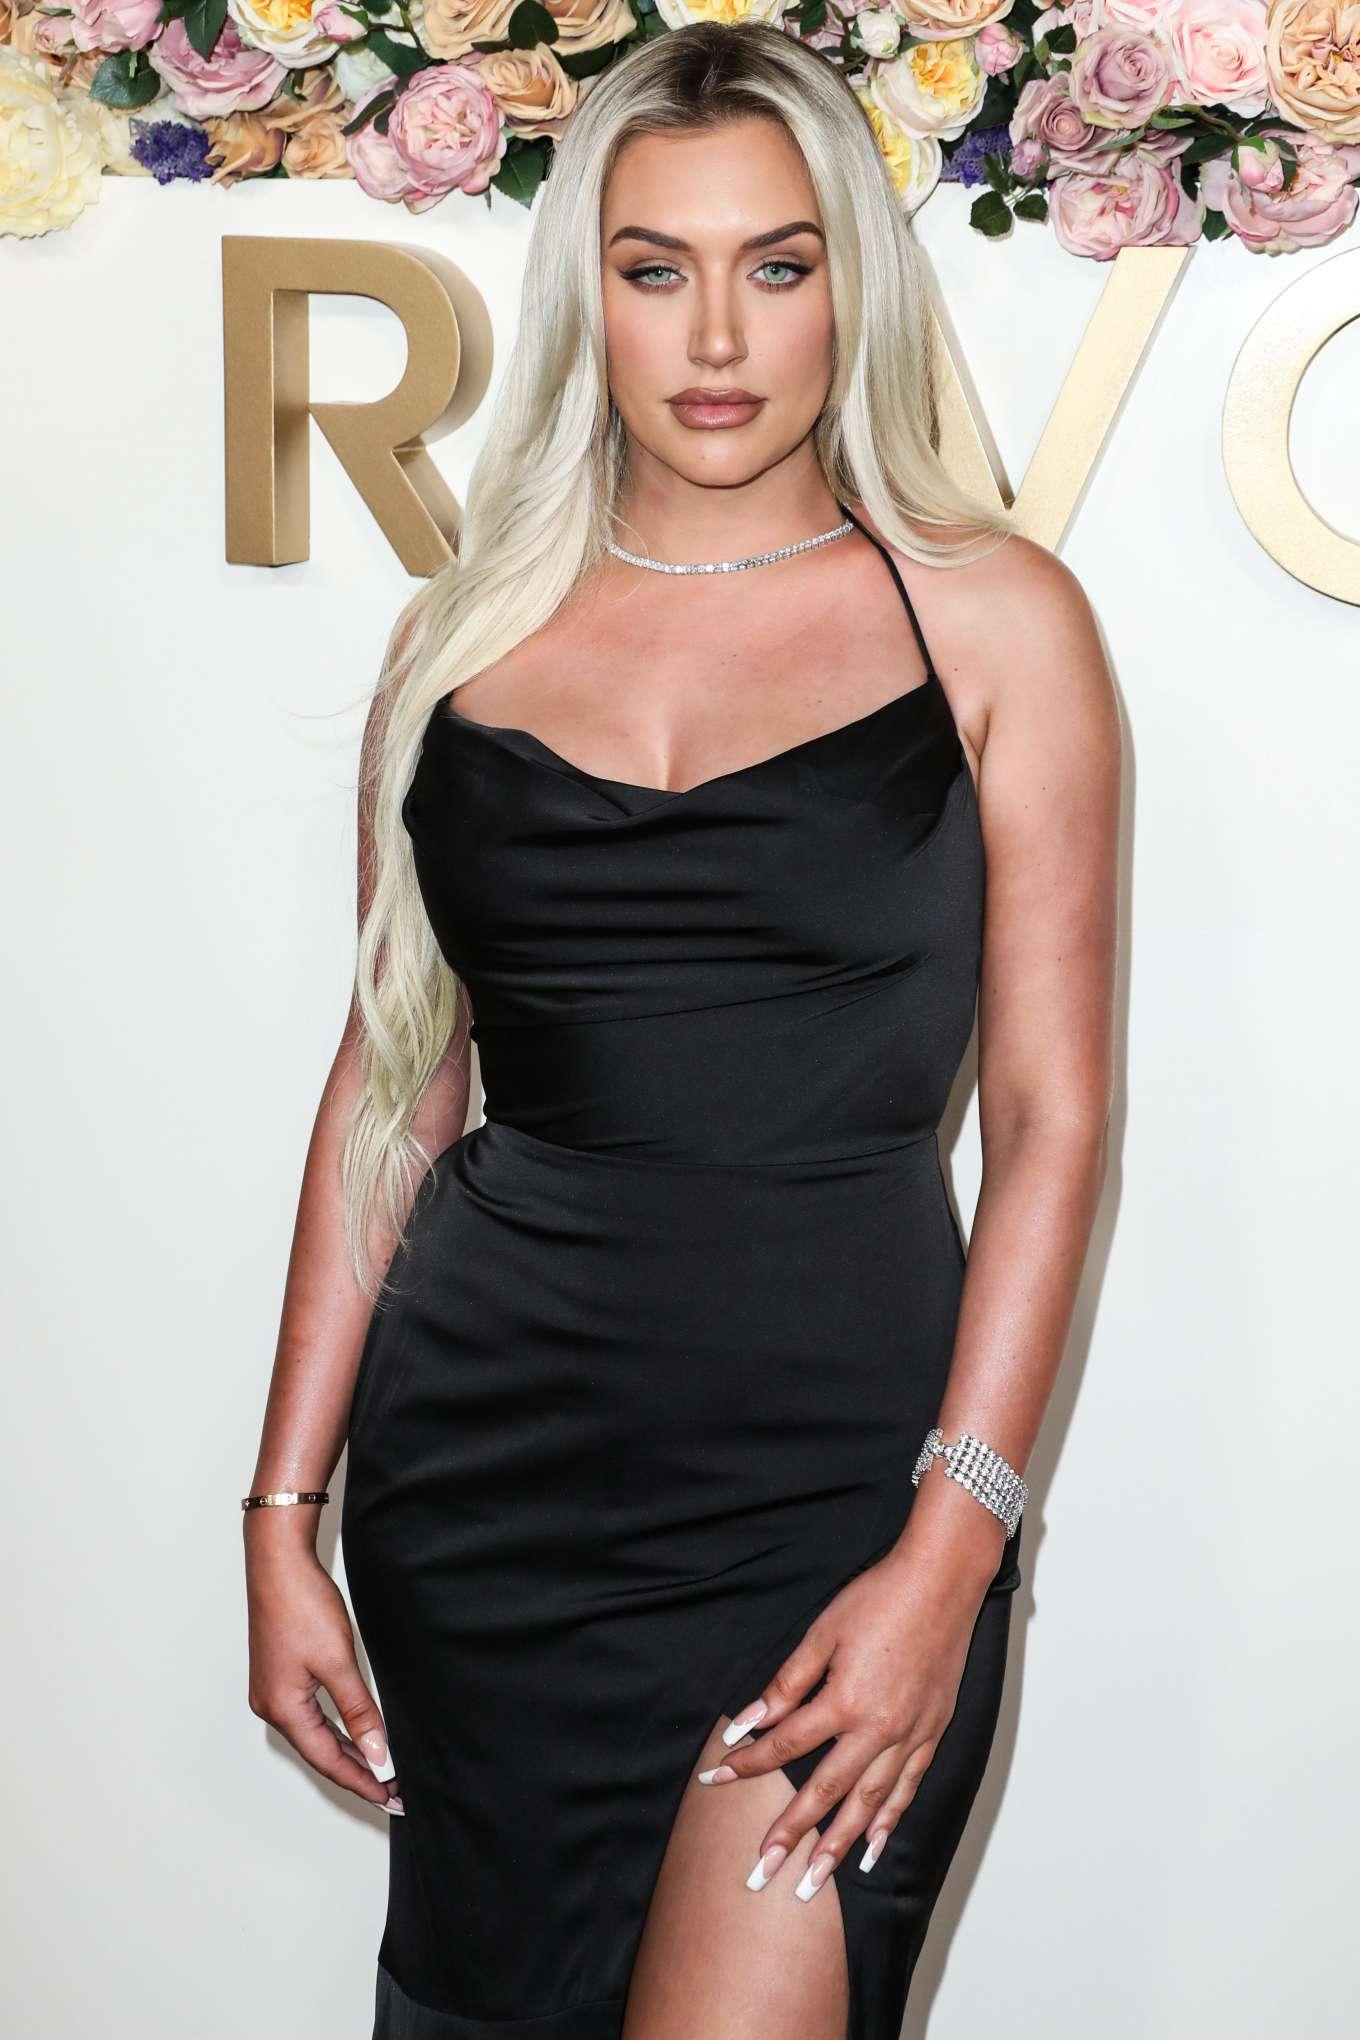 Anastasia Karanikolaou - 2019 REVOLVE Awards in Hollywood